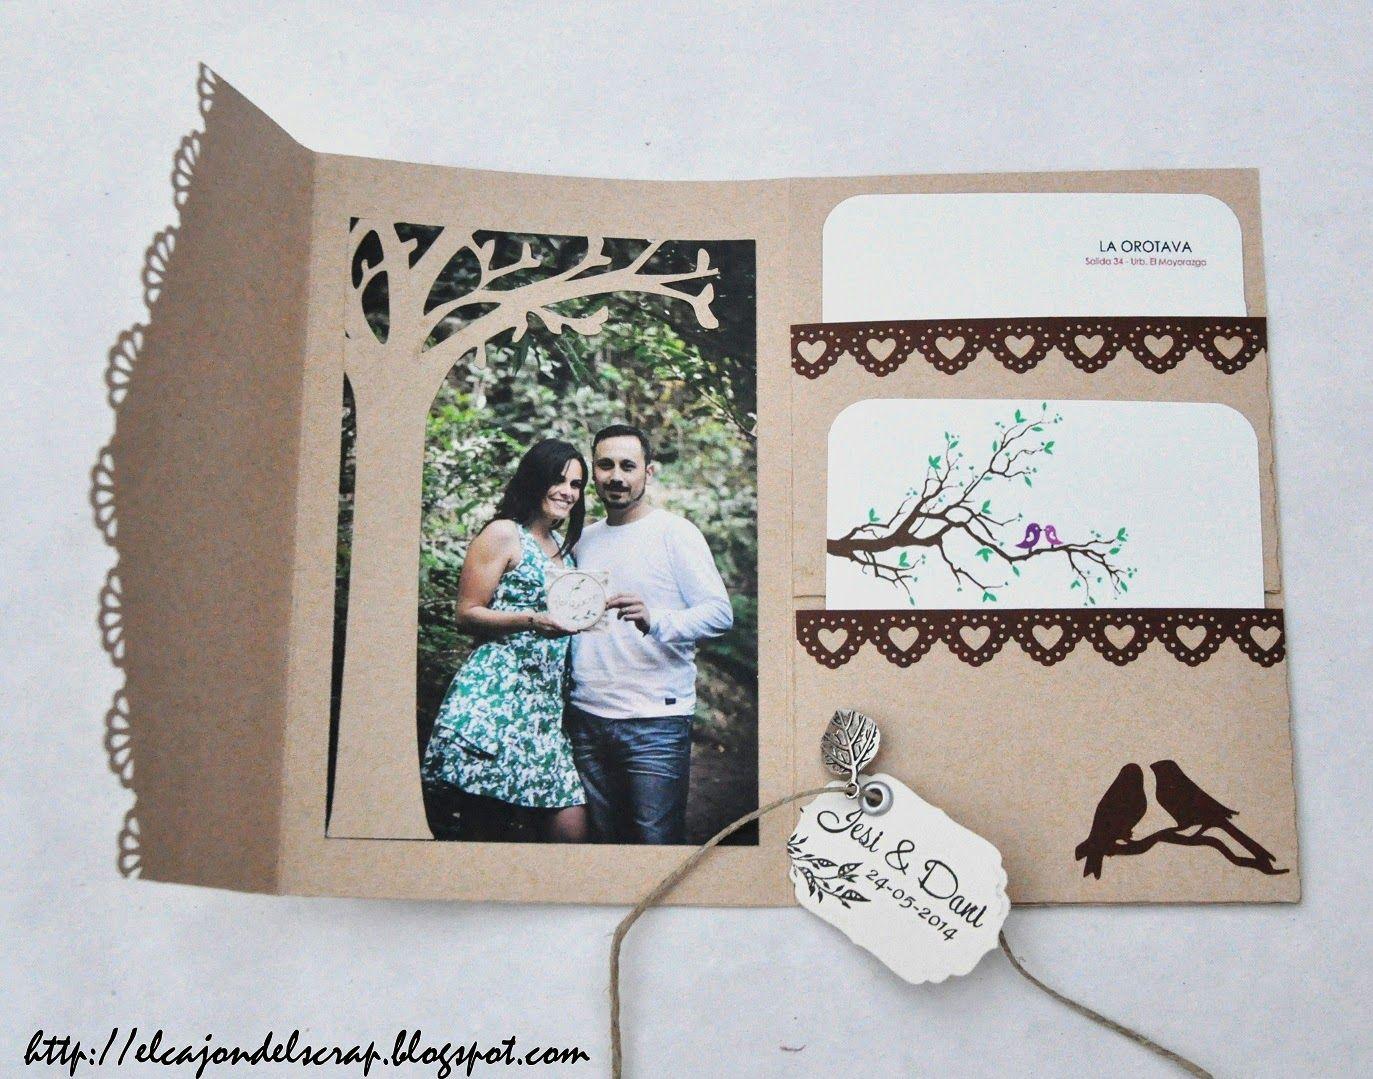 Invitaciones de boda con scrapbooking | Tarjetas de boda hecho a mano,  Invitaciones de boda, Invitacion boda originales